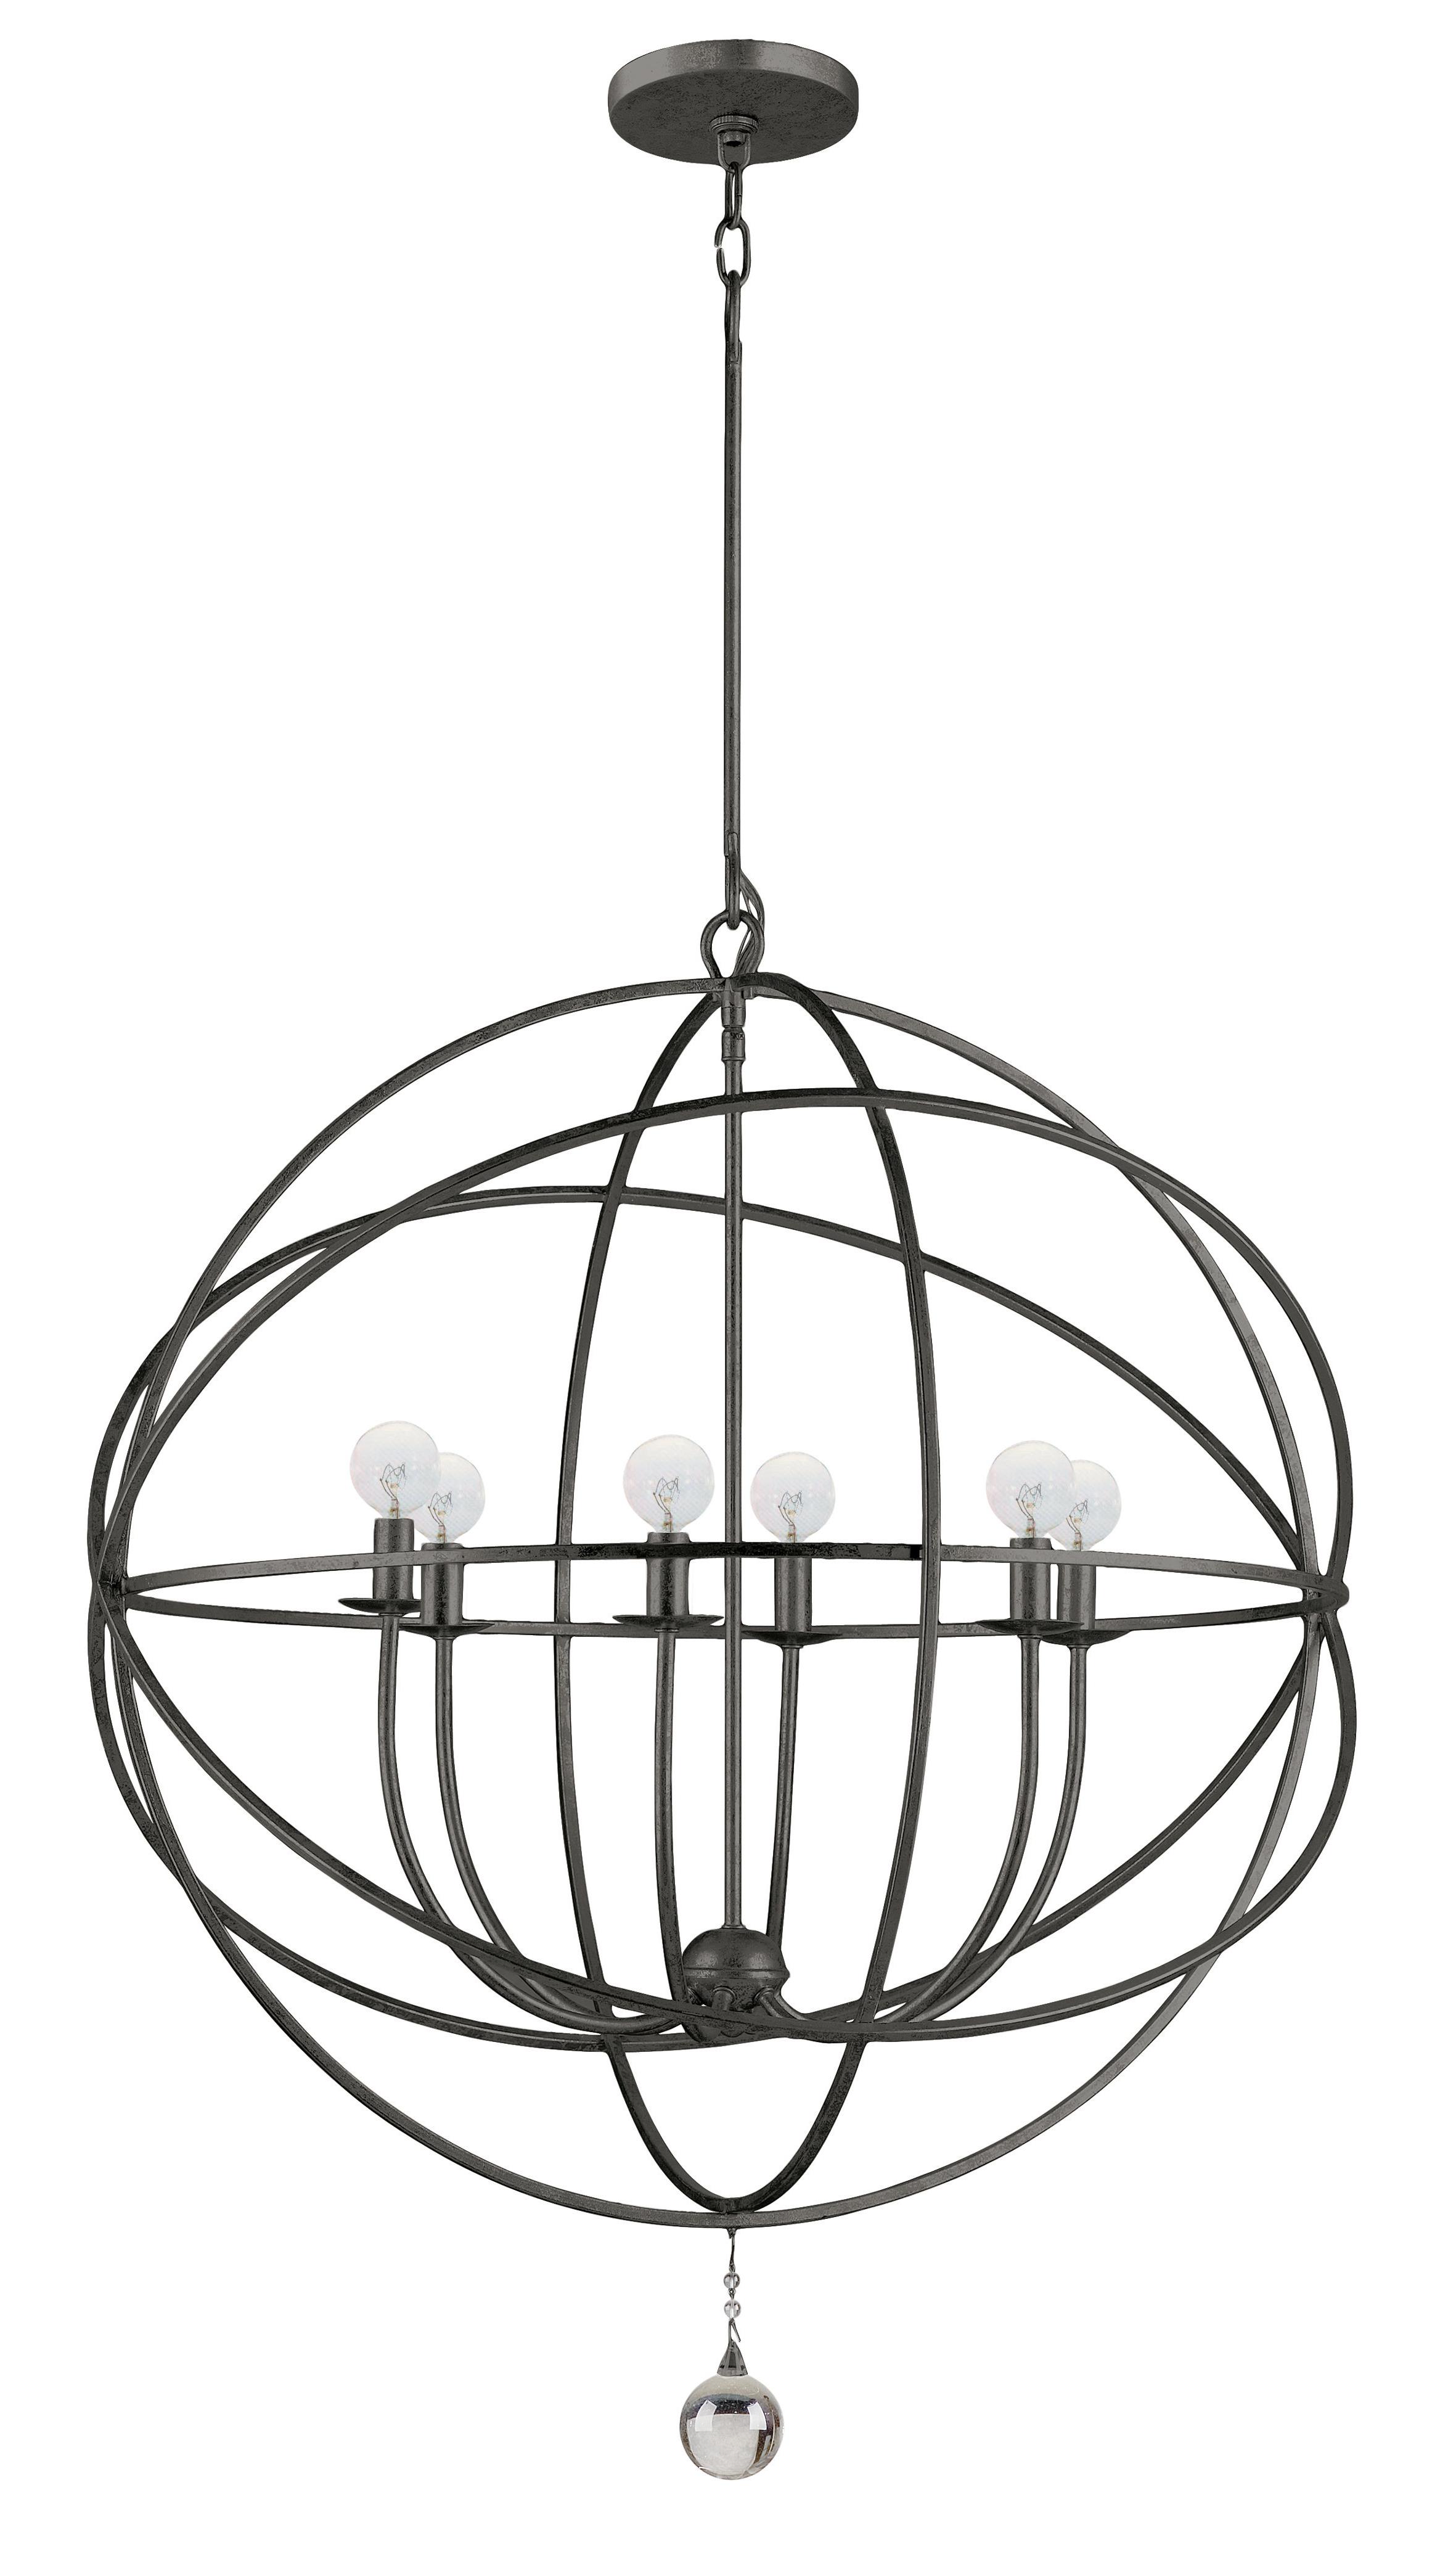 Gregoire 6 Light Globe Chandelier Intended For Current Gregoire 6 Light Globe Chandeliers (View 2 of 25)